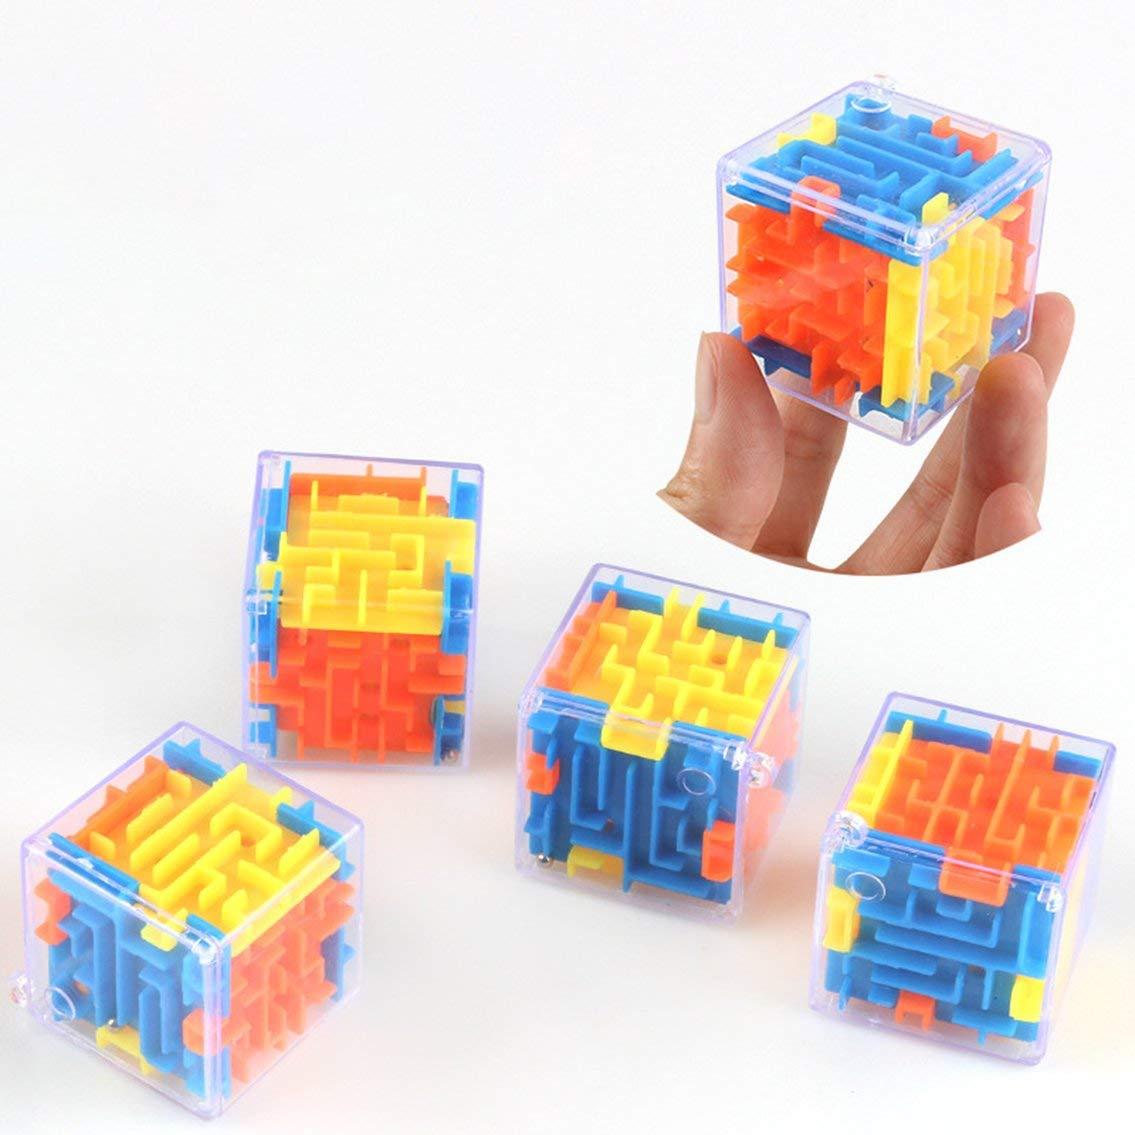 Panamami Laberinto Tridimensional peque/ño Magic Maze Universal 3D Baby Intelligence Toy Juguetes educativos Regalos port/átiles para ni/ños//Crom/ático